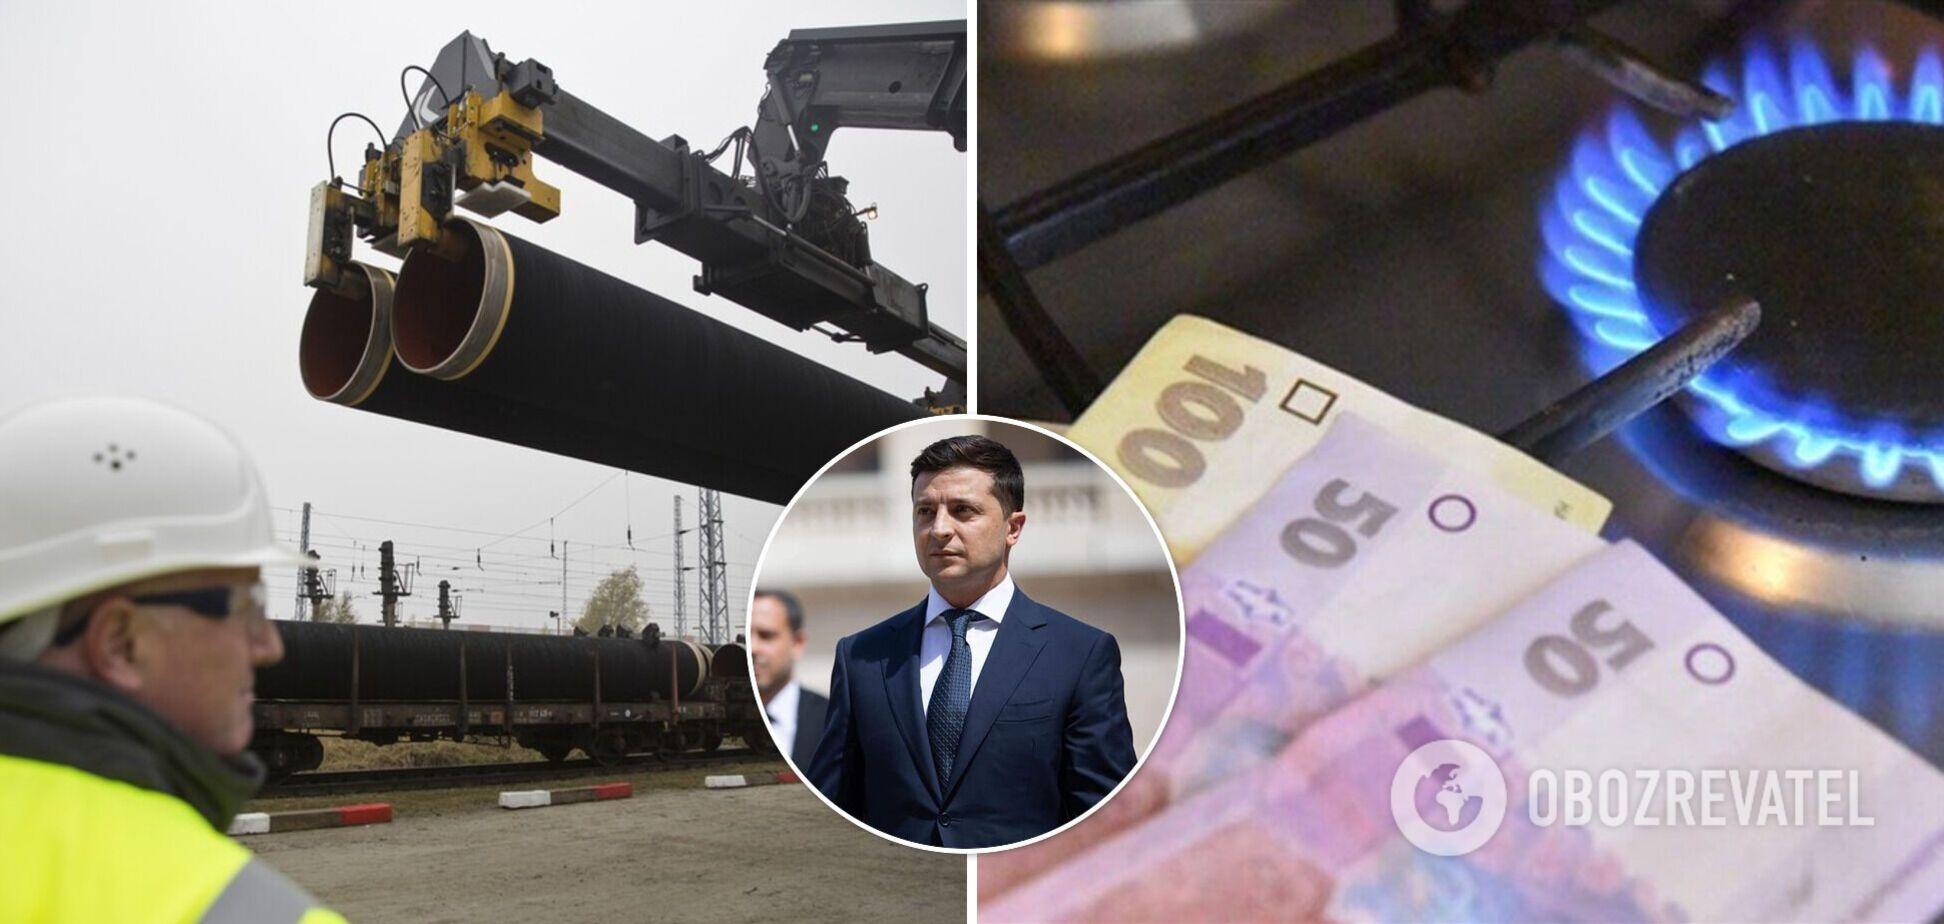 Запуск 'Північного потоку-2' може підняти ціни на газ для українців, – Зеленський